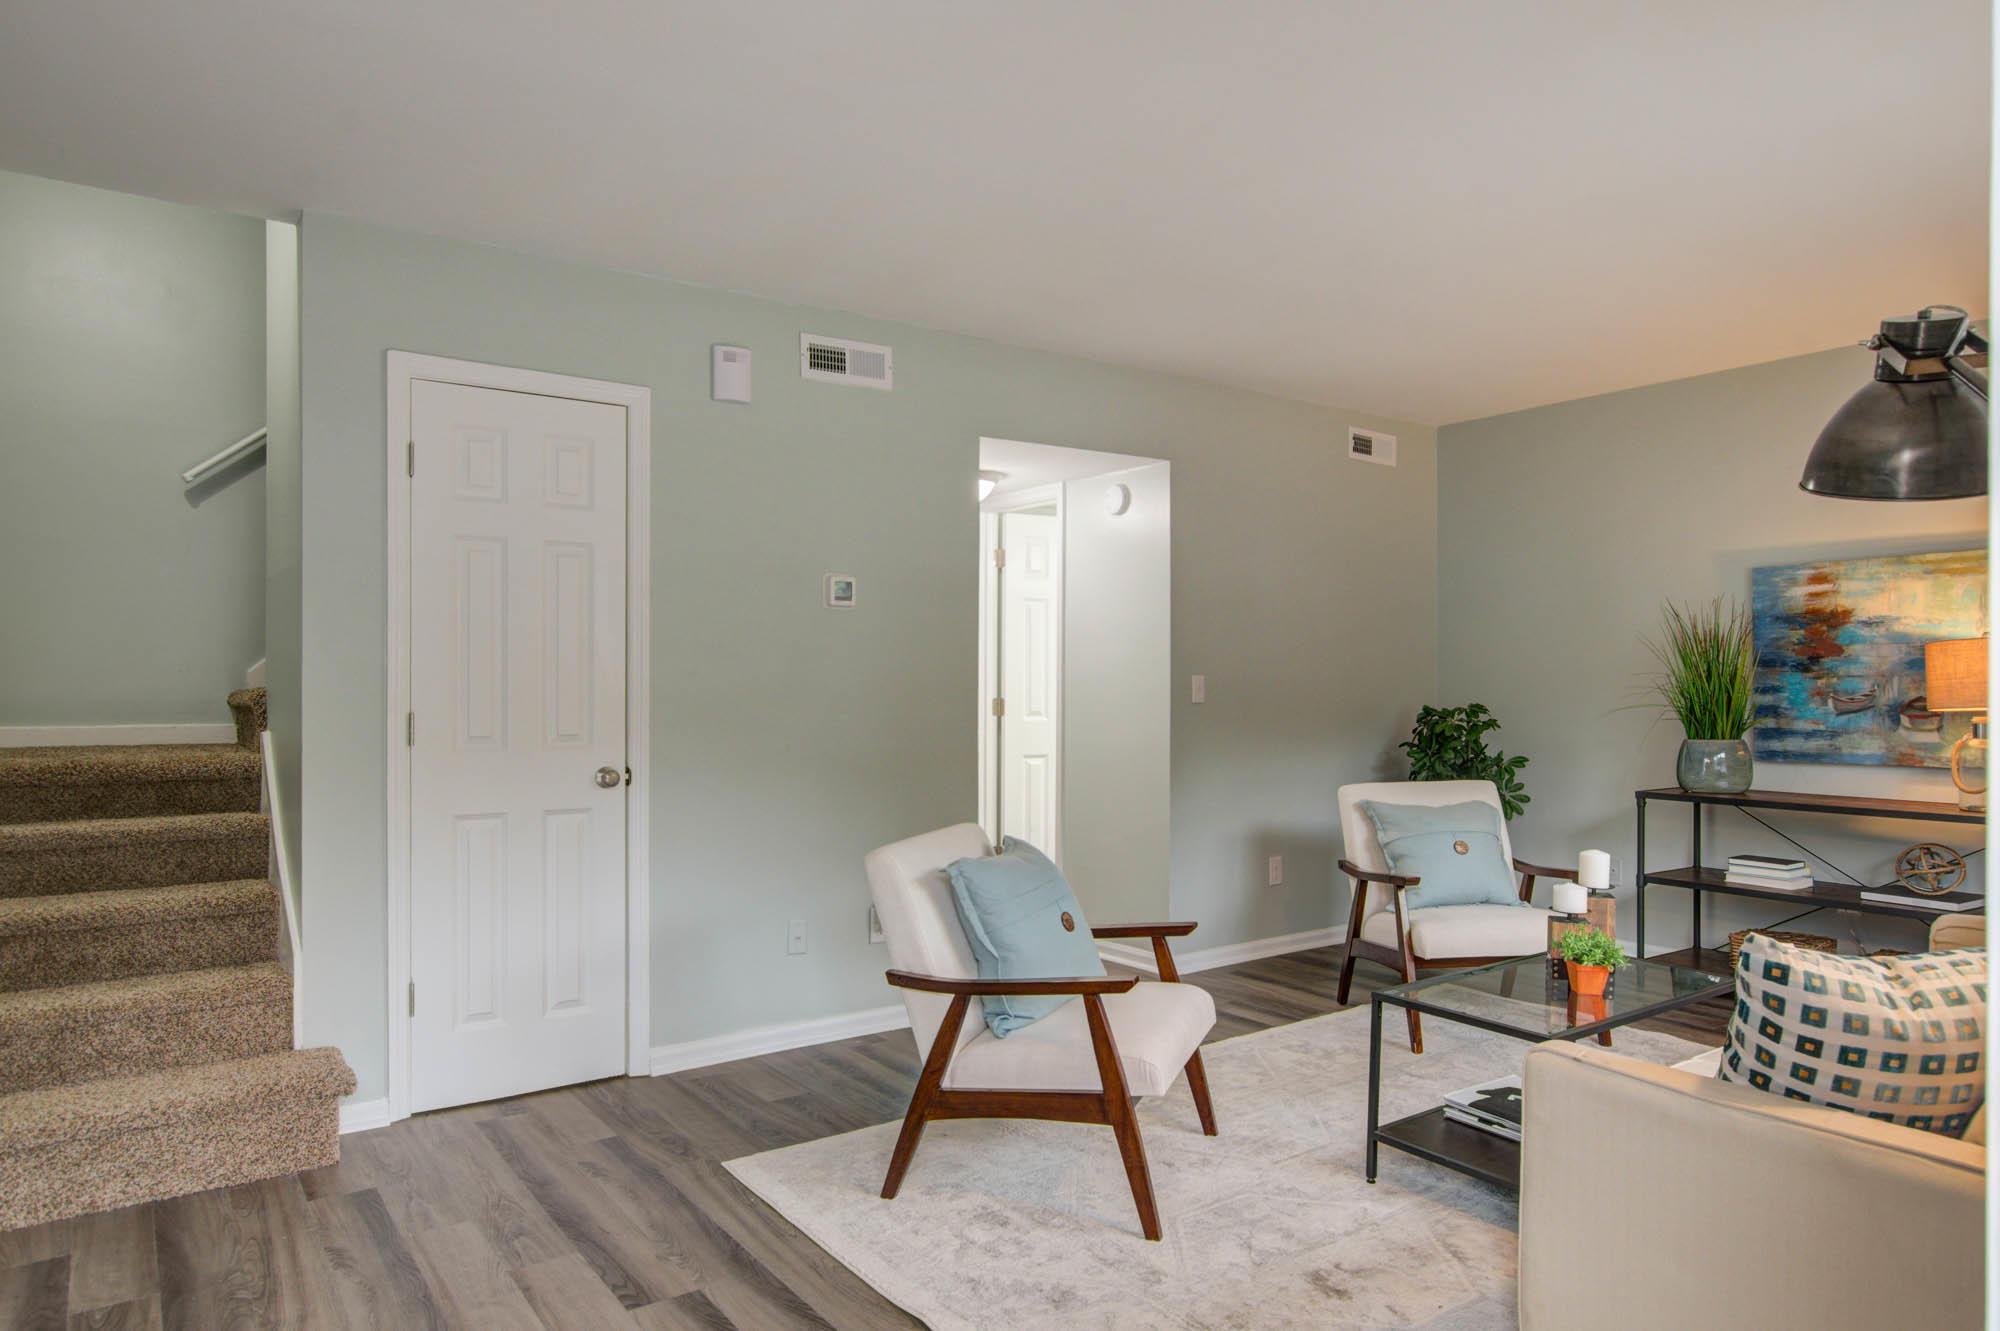 Wando East Homes For Sale - 1526 Nantahala, Mount Pleasant, SC - 3